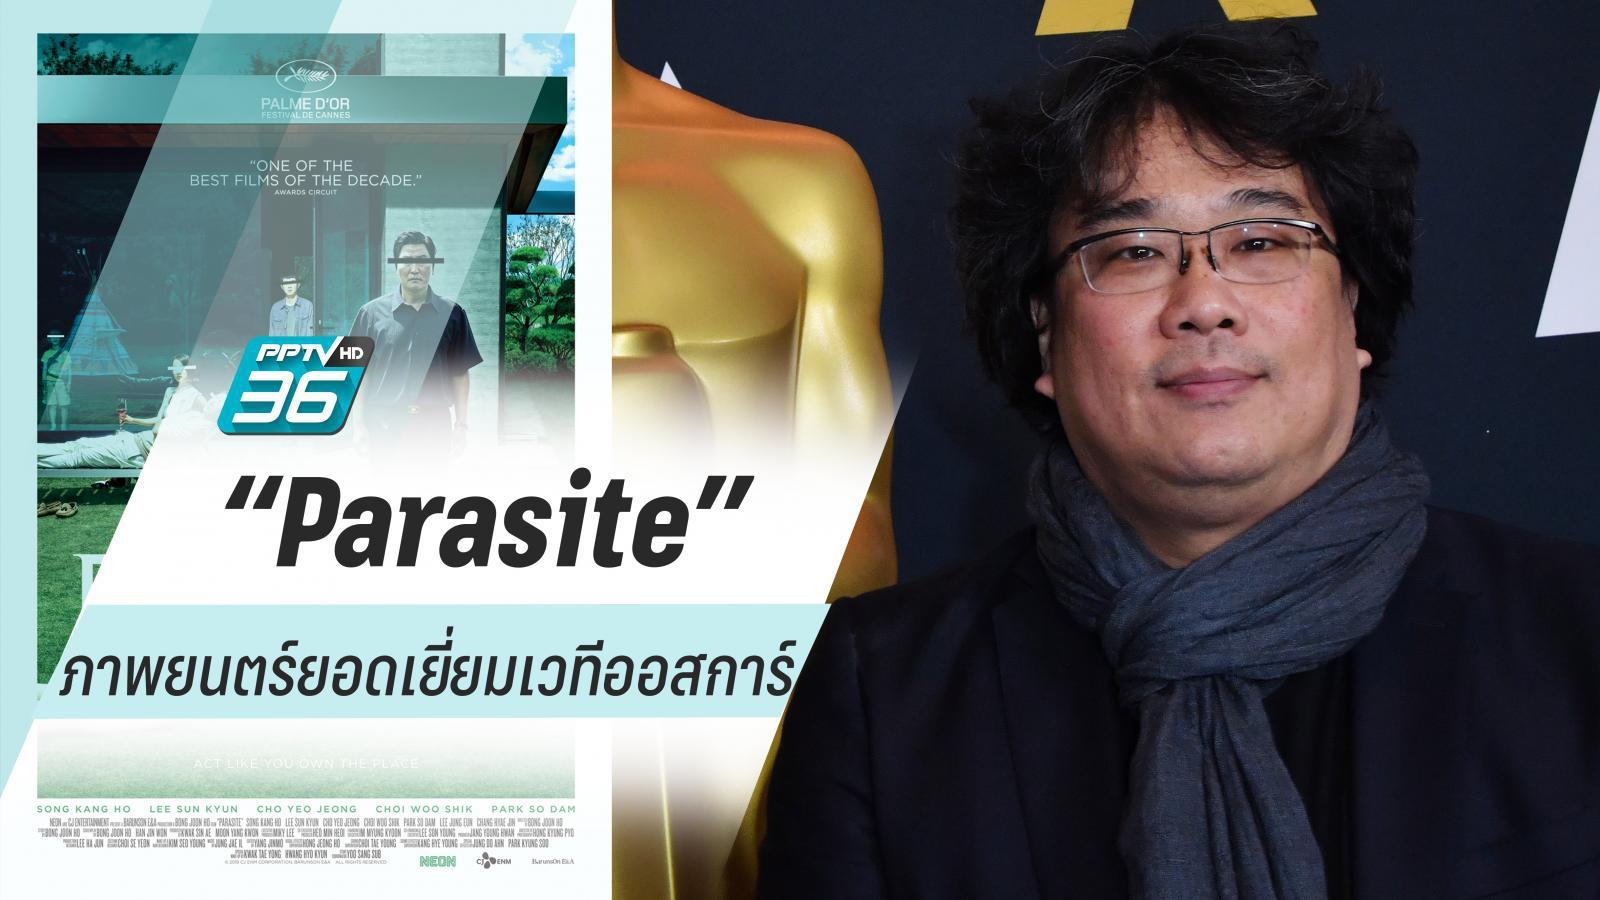 """""""Parasite""""  สร้างประวัติศาสตร์คว้า """"ภาพยนตร์ยอดเยี่ยม"""" ผงาดเวทีออสการ์"""